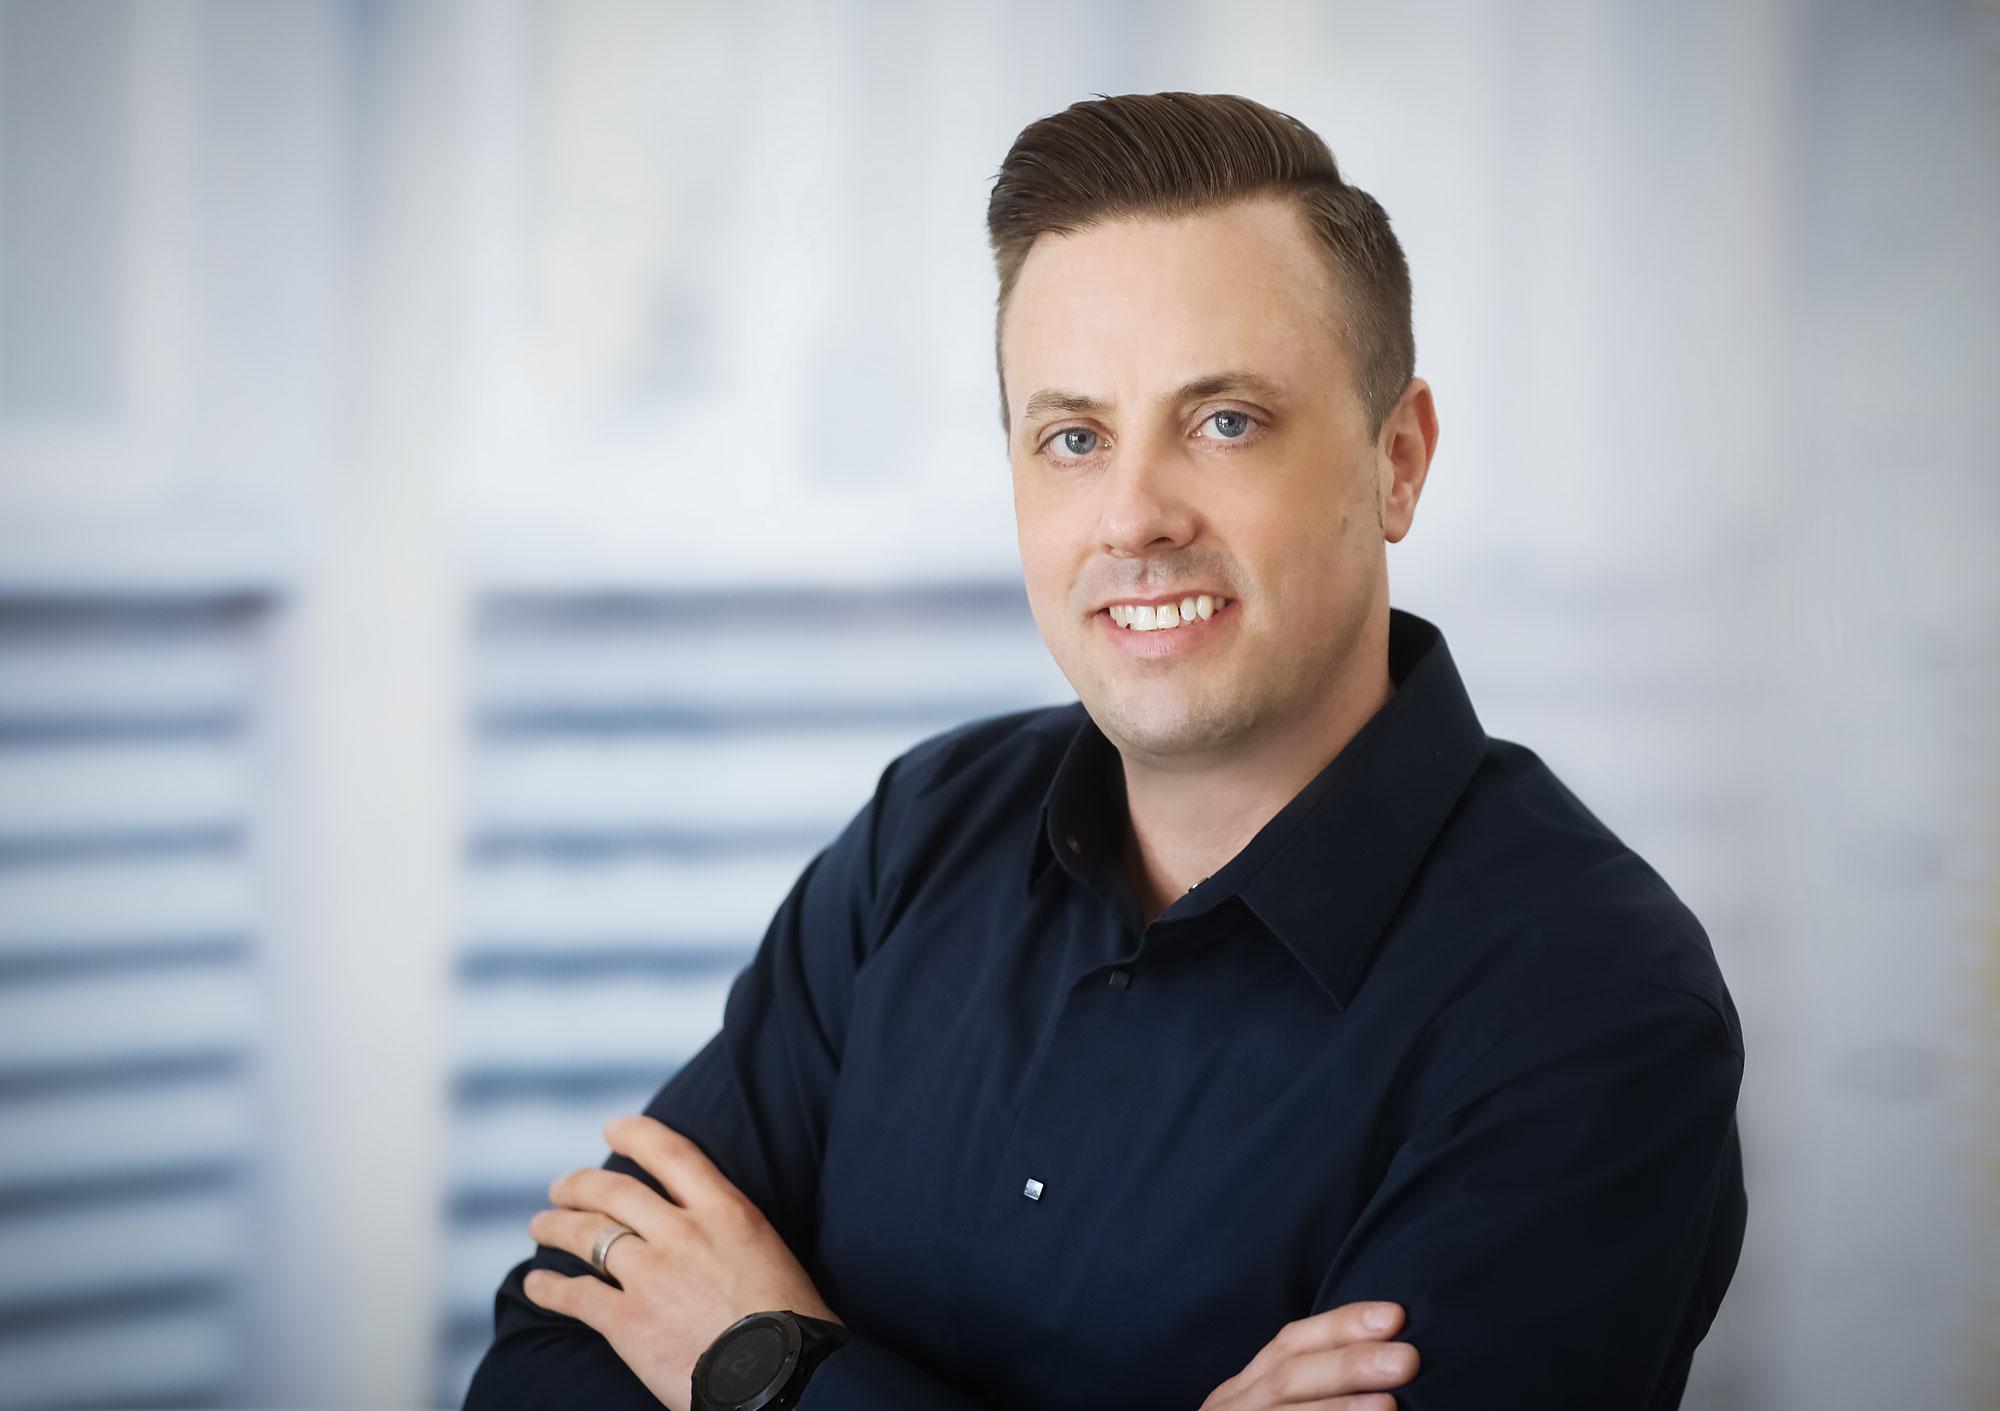 Schwalbe beruft Nico Simons in die Geschäftsleitung